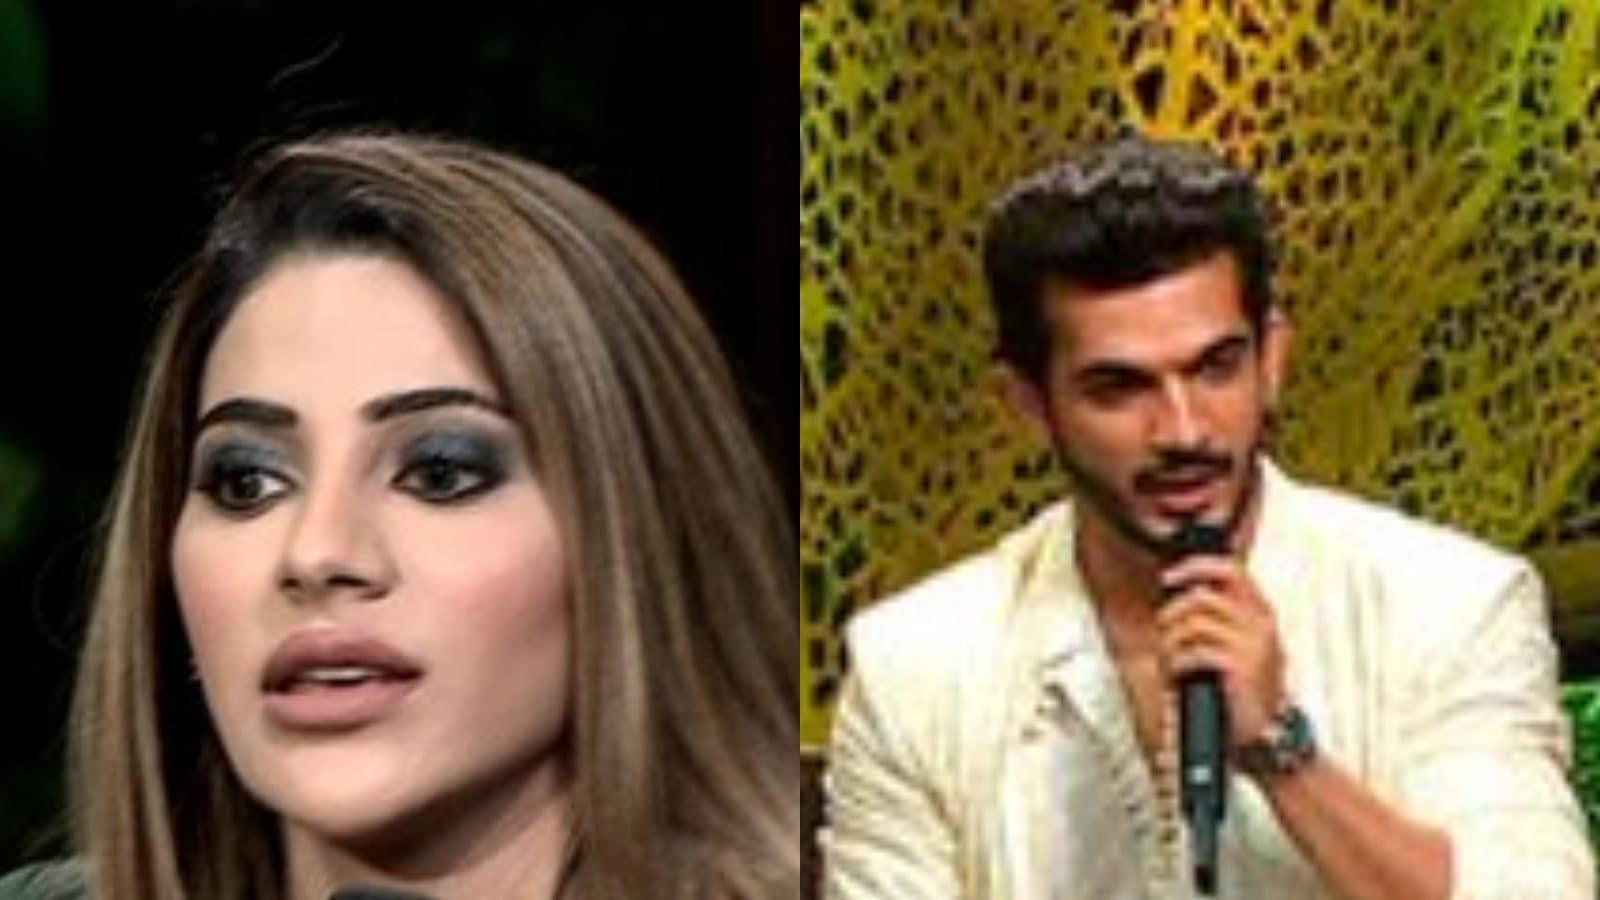 Nikki Tamboli Slams Jay Bhanushali For Abusing Pratik Sehejpal, Fights With Arjun Bijlani